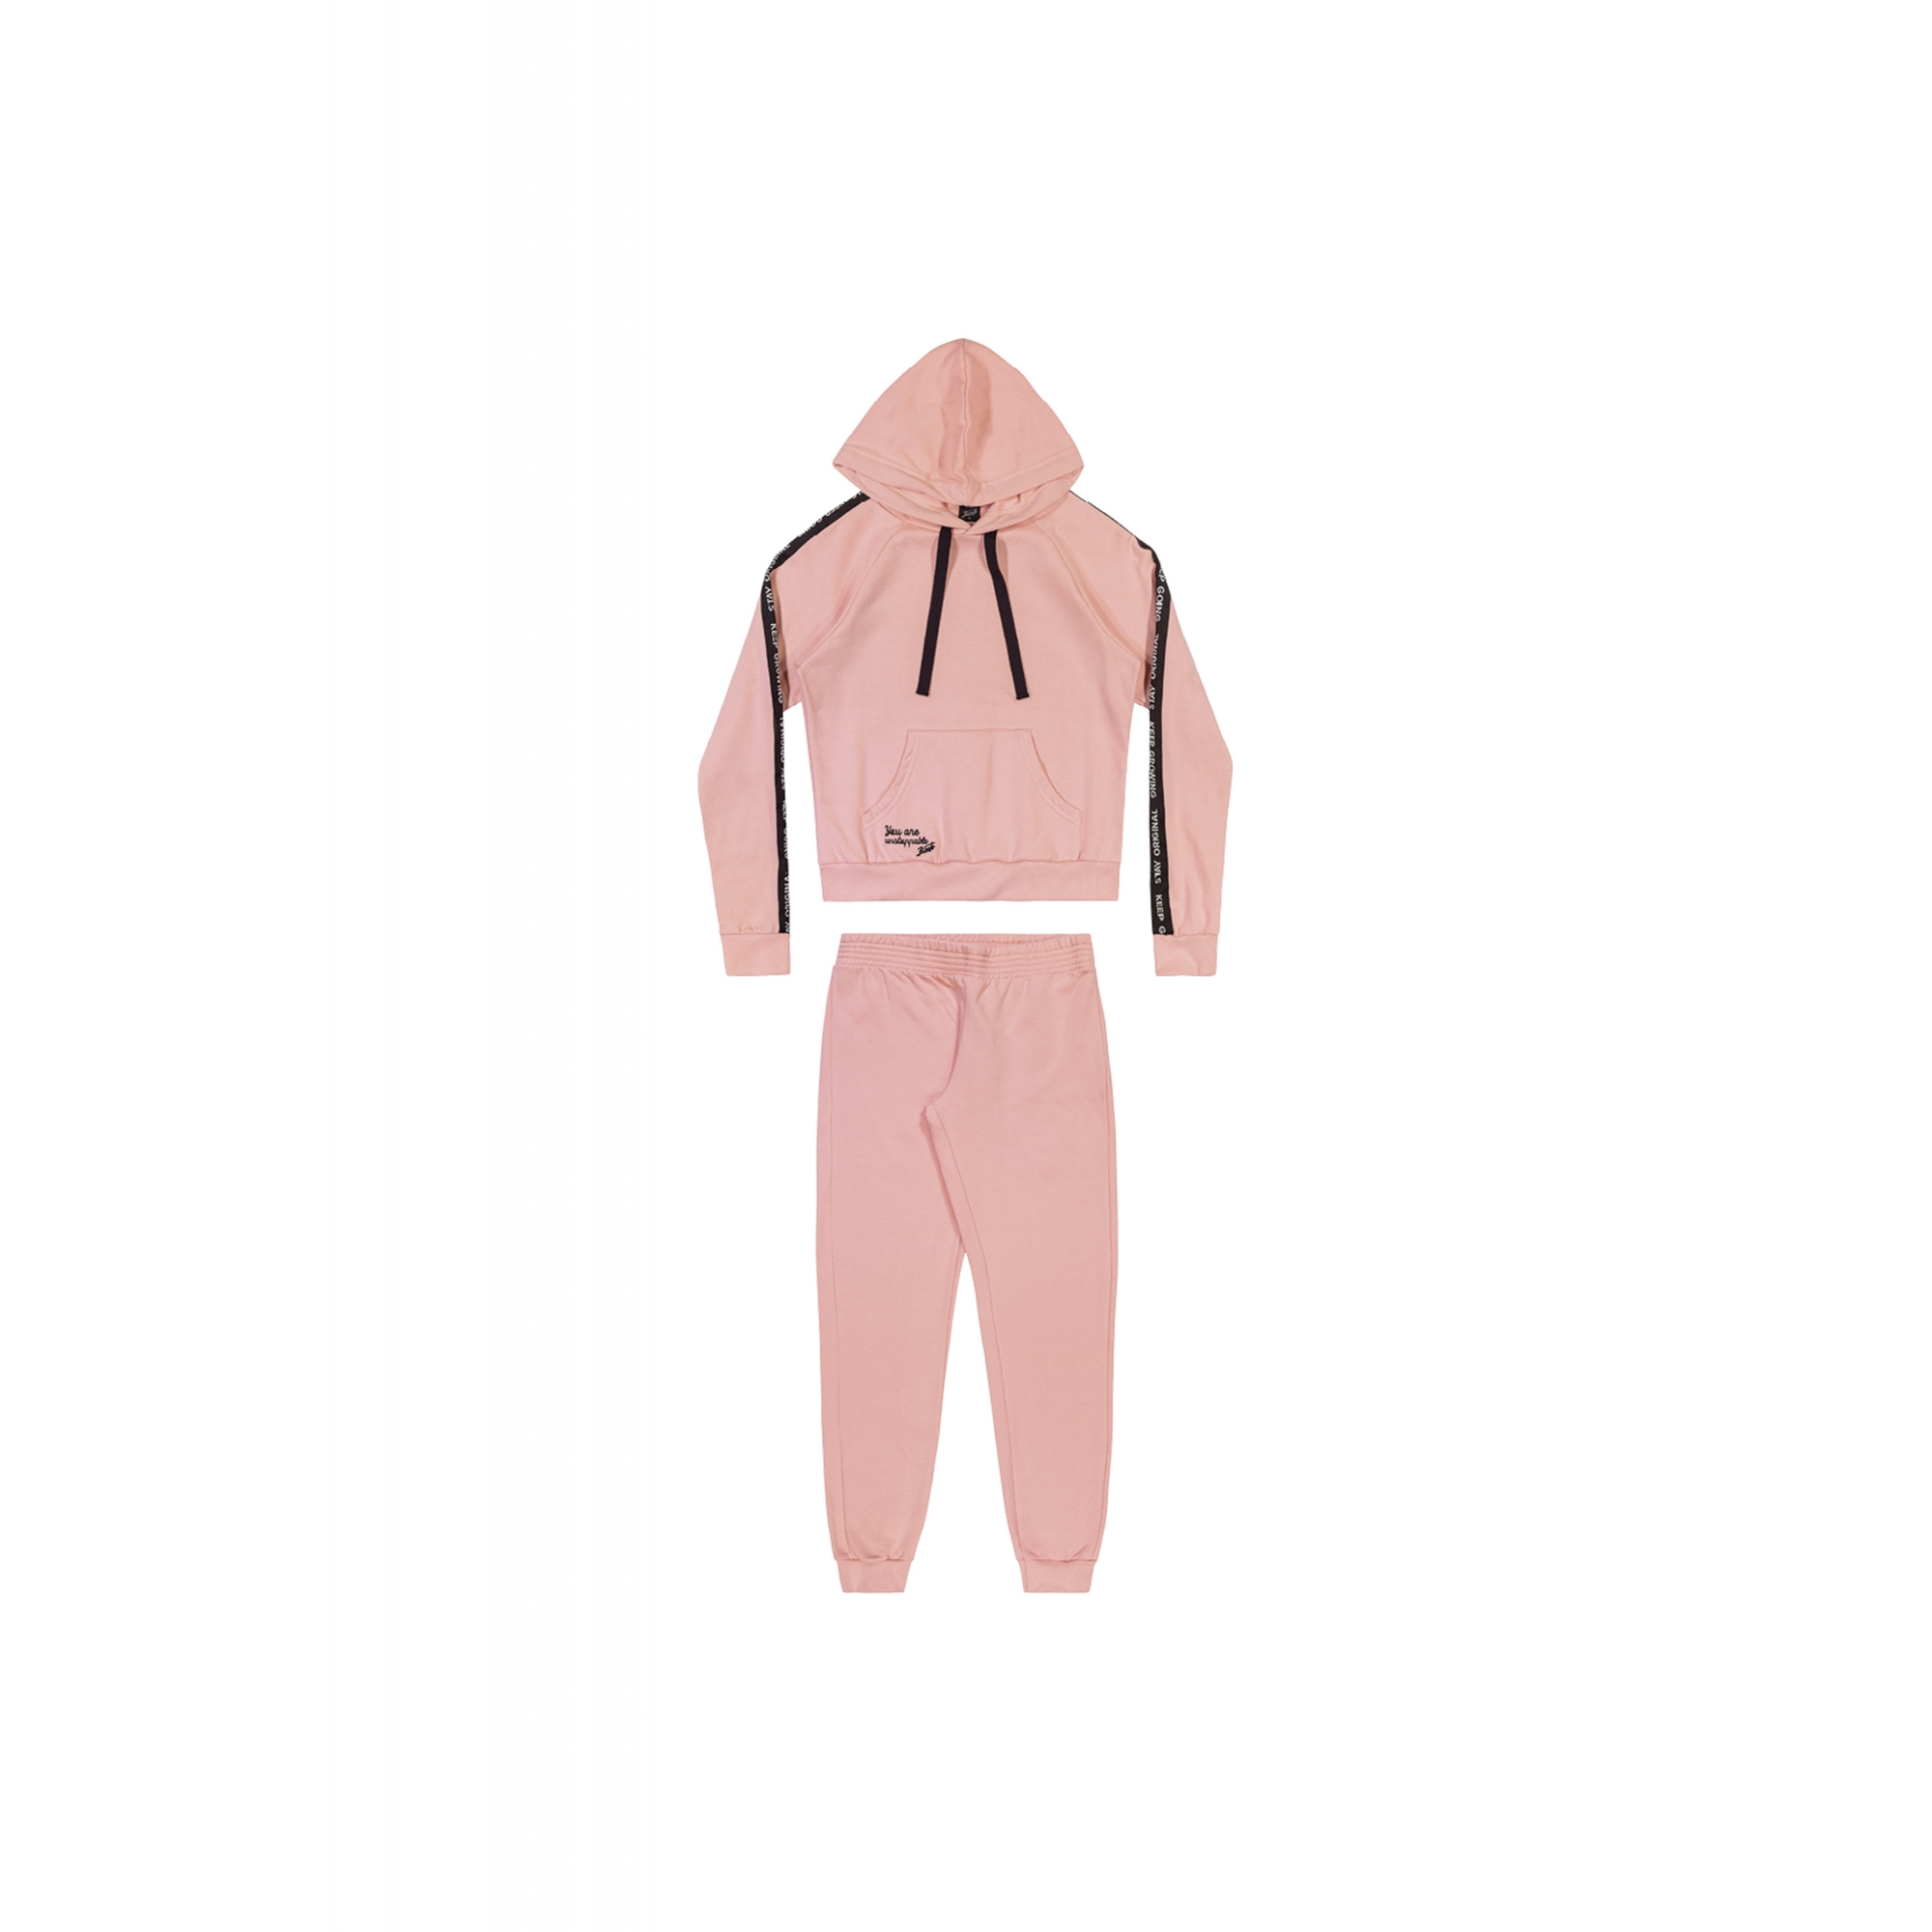 Conjunto Feminino Juvenil Blusa e Calça - ELIAN 271063